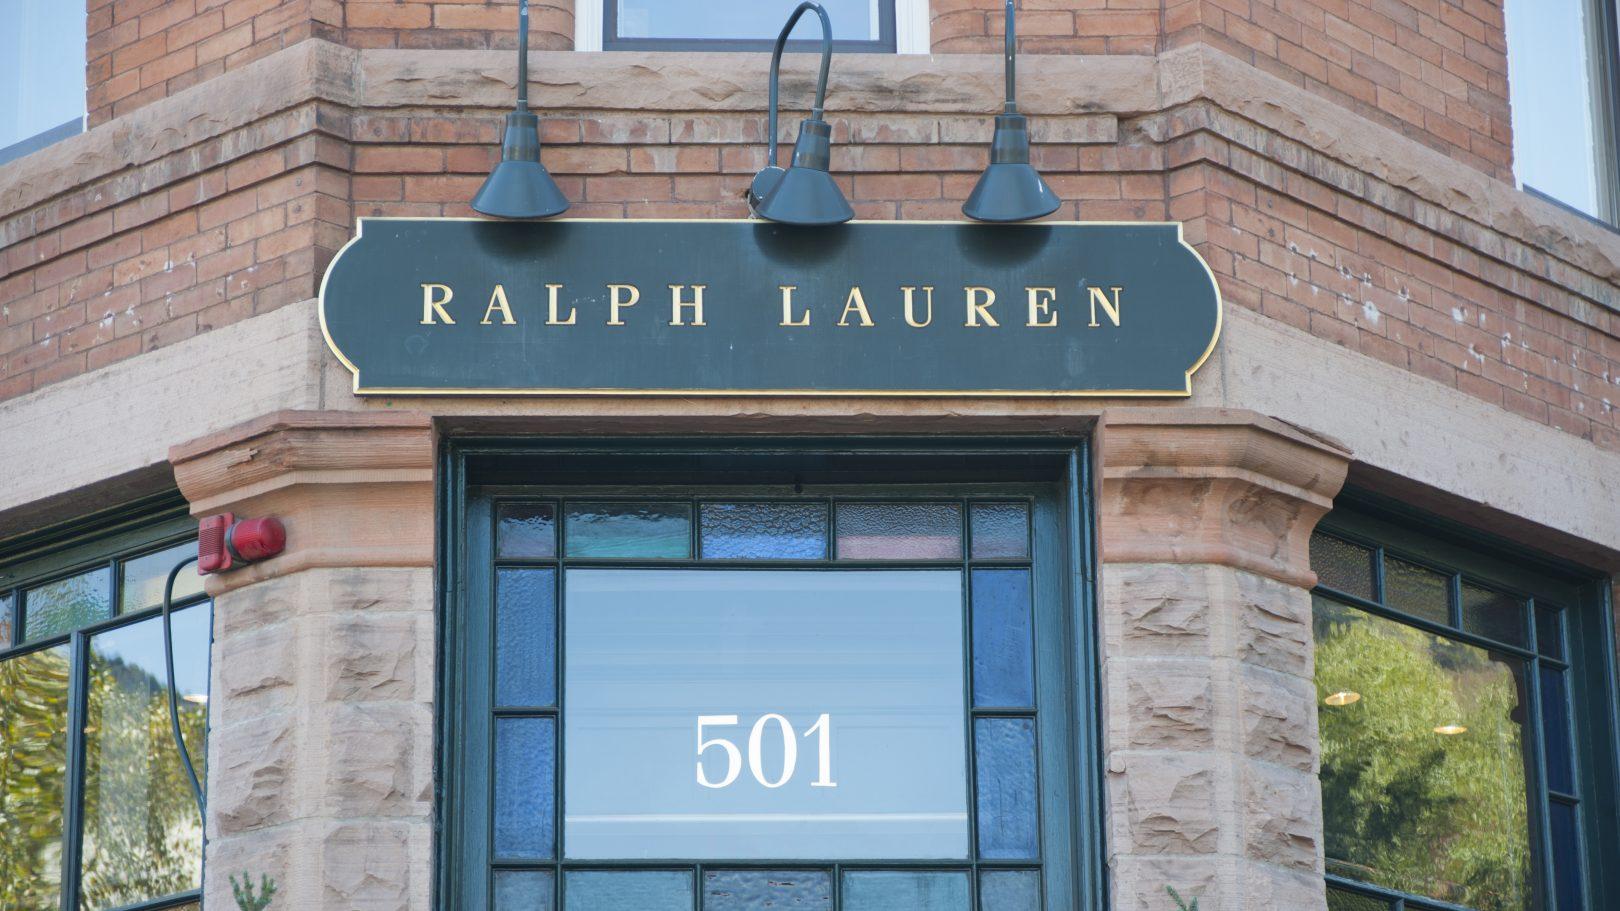 Lauren Ralph Lauren overcoat